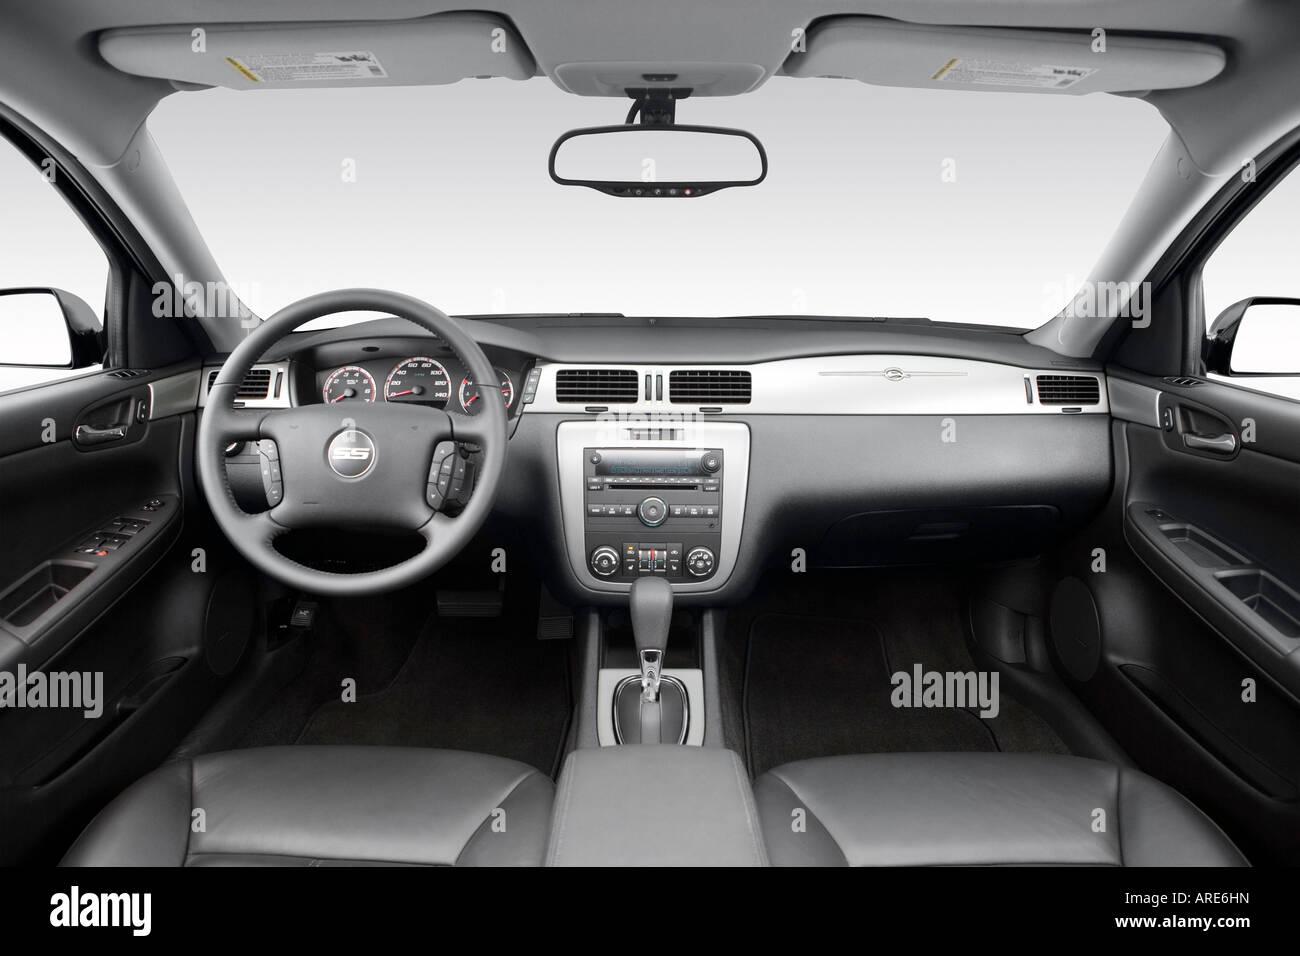 2006 Chevrolet Impala SS Em Preto   Painel De Bordo, Consola Central, Vista  De Mudança De Marchas